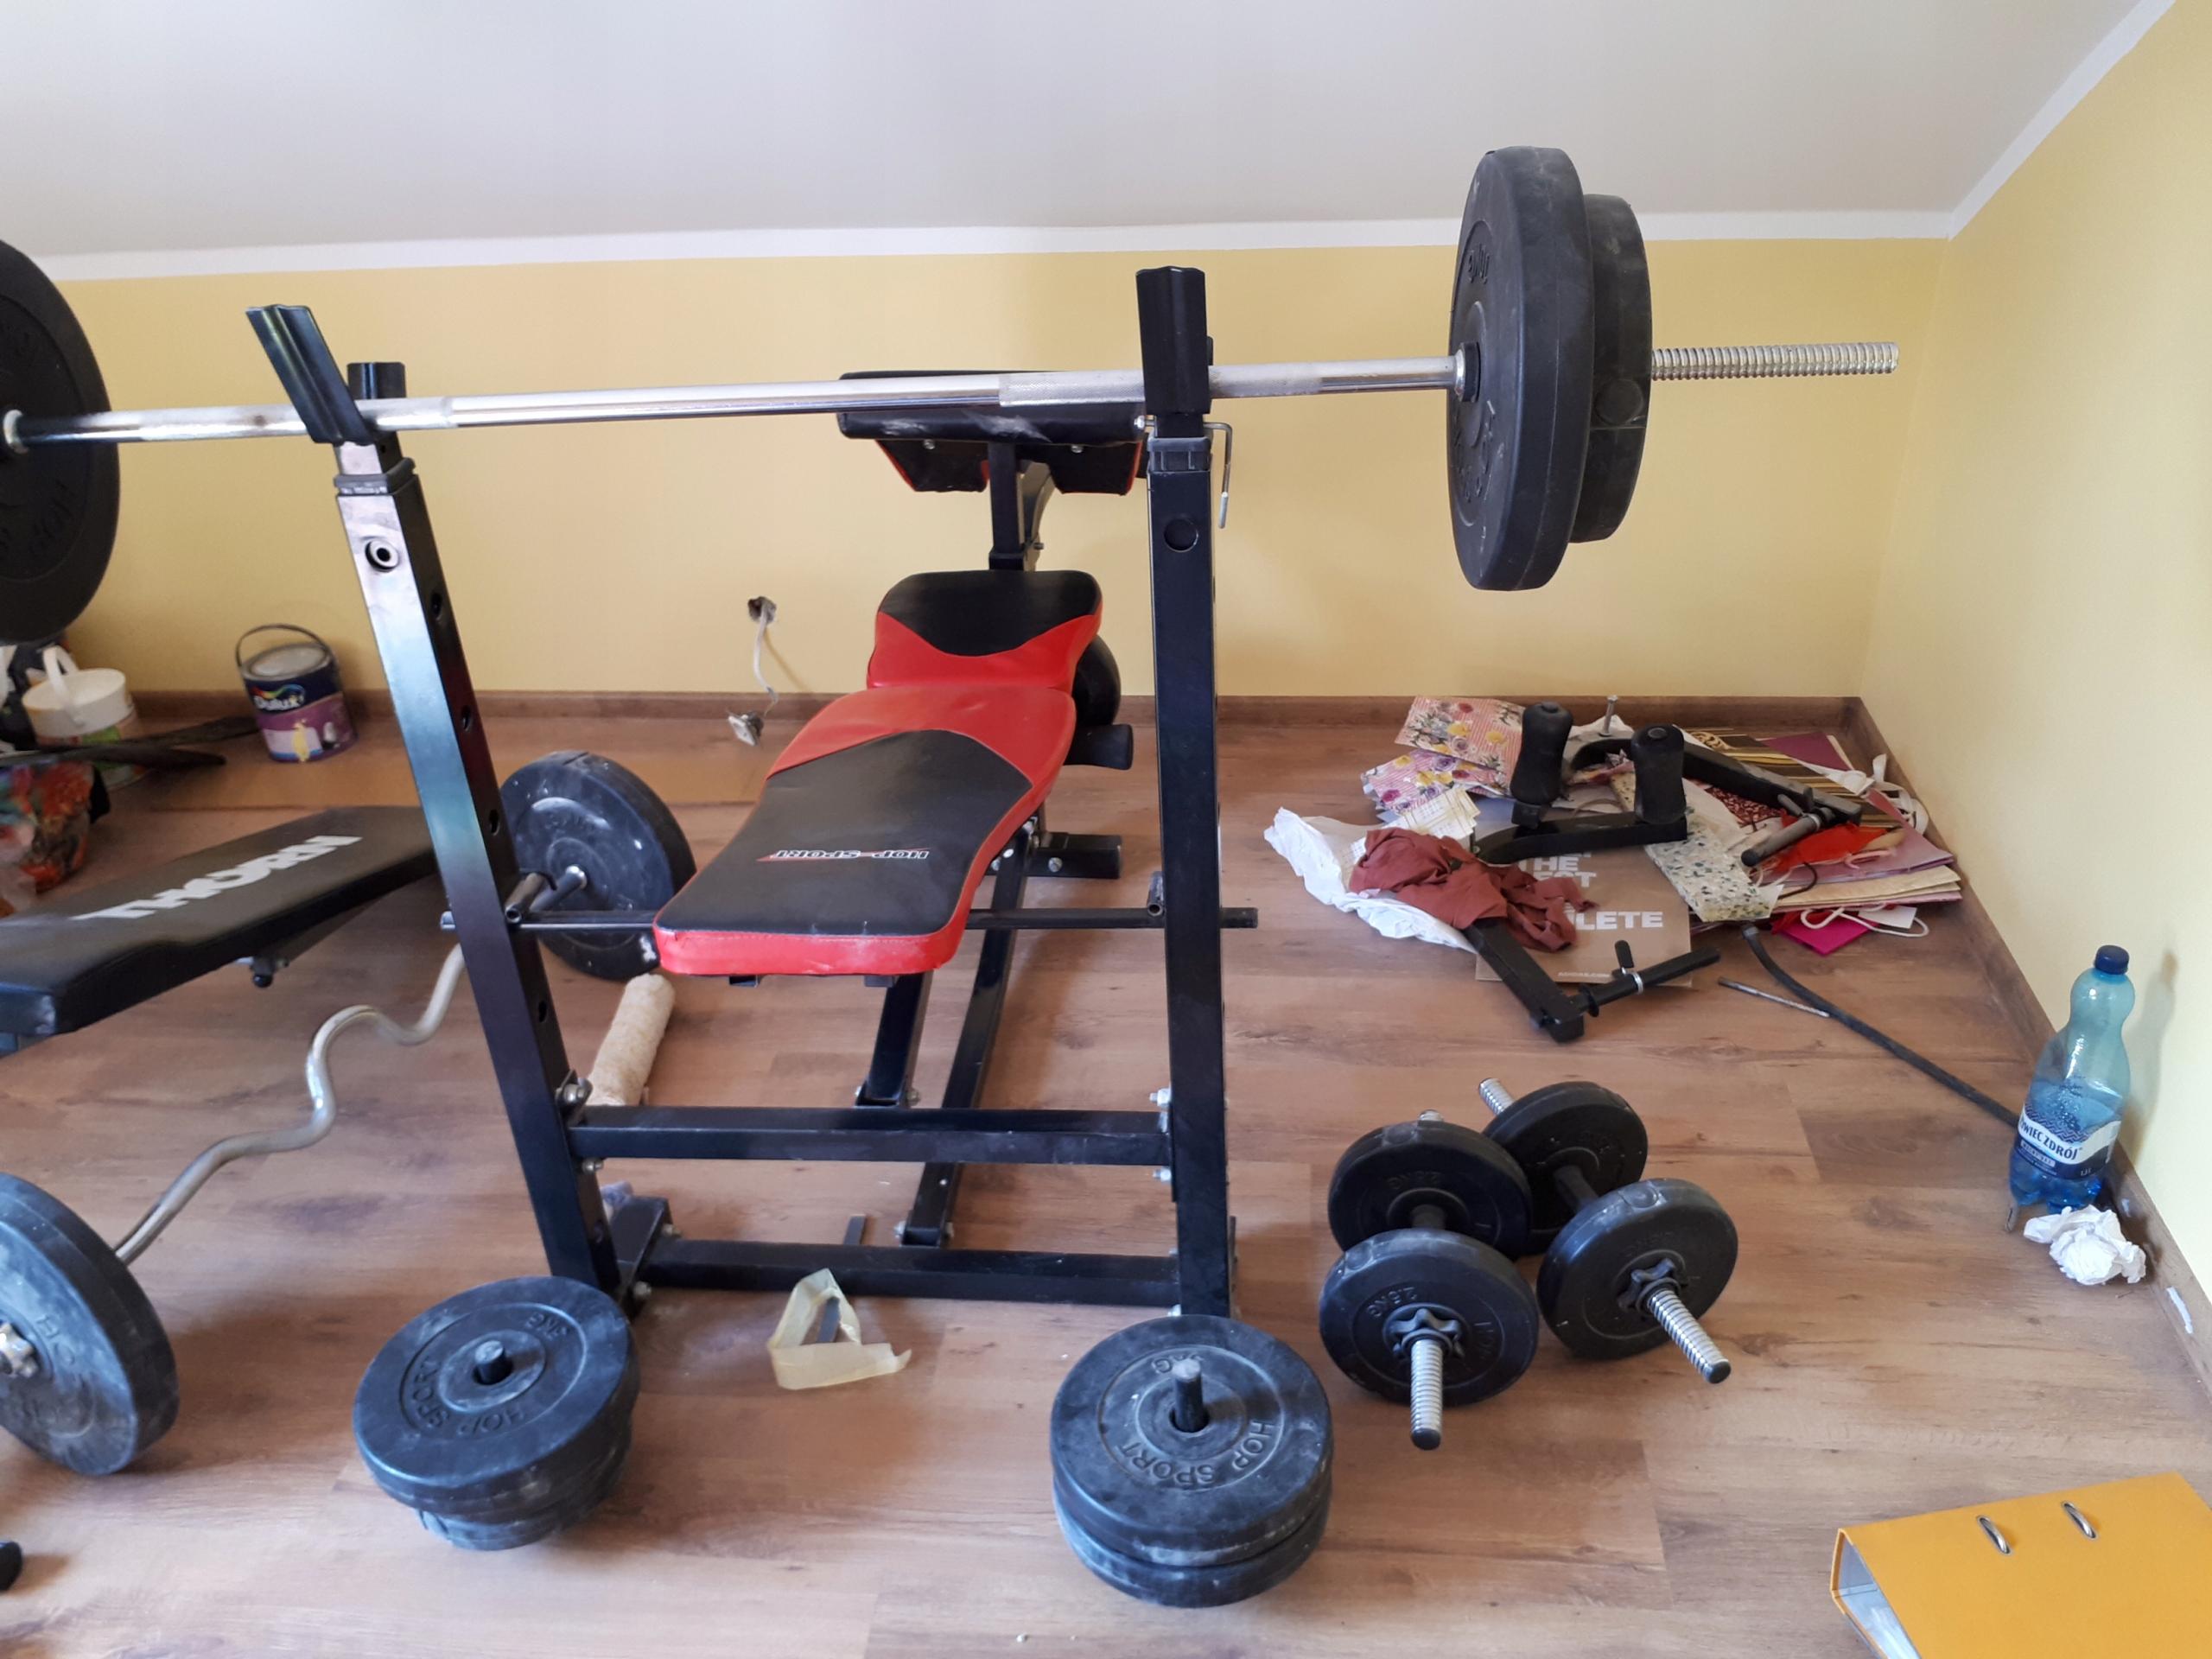 siłownia,ławka,sztanga,zestaw